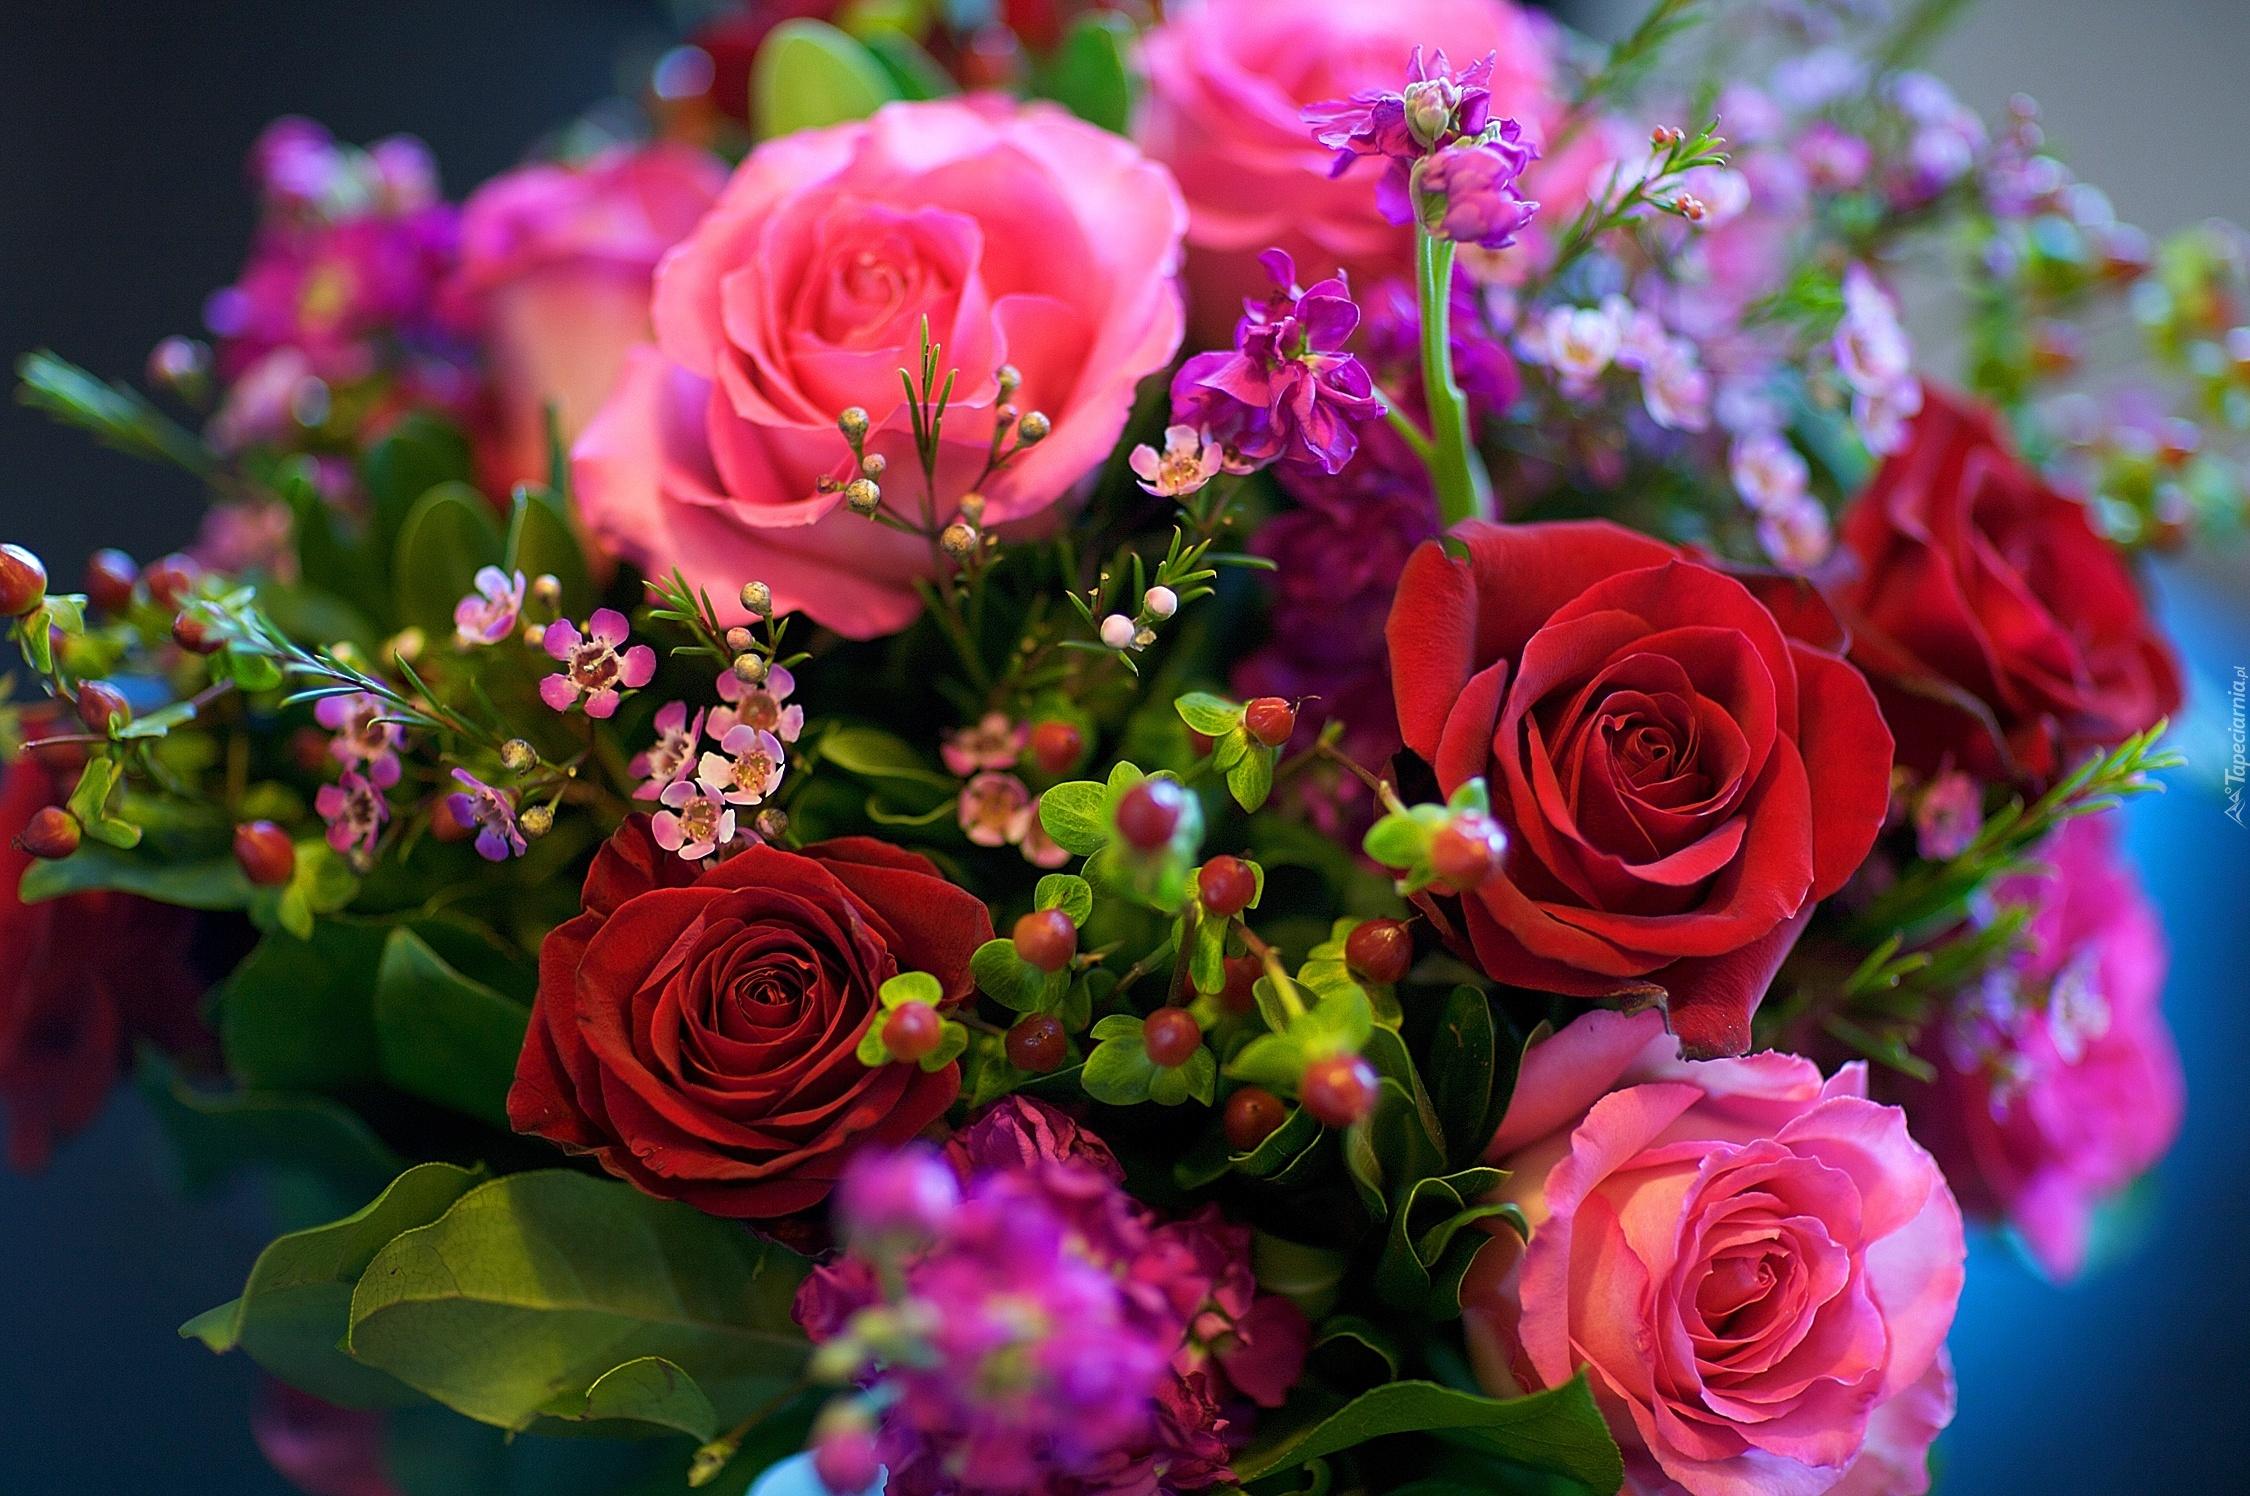 Фото с красивыми букетами цветов